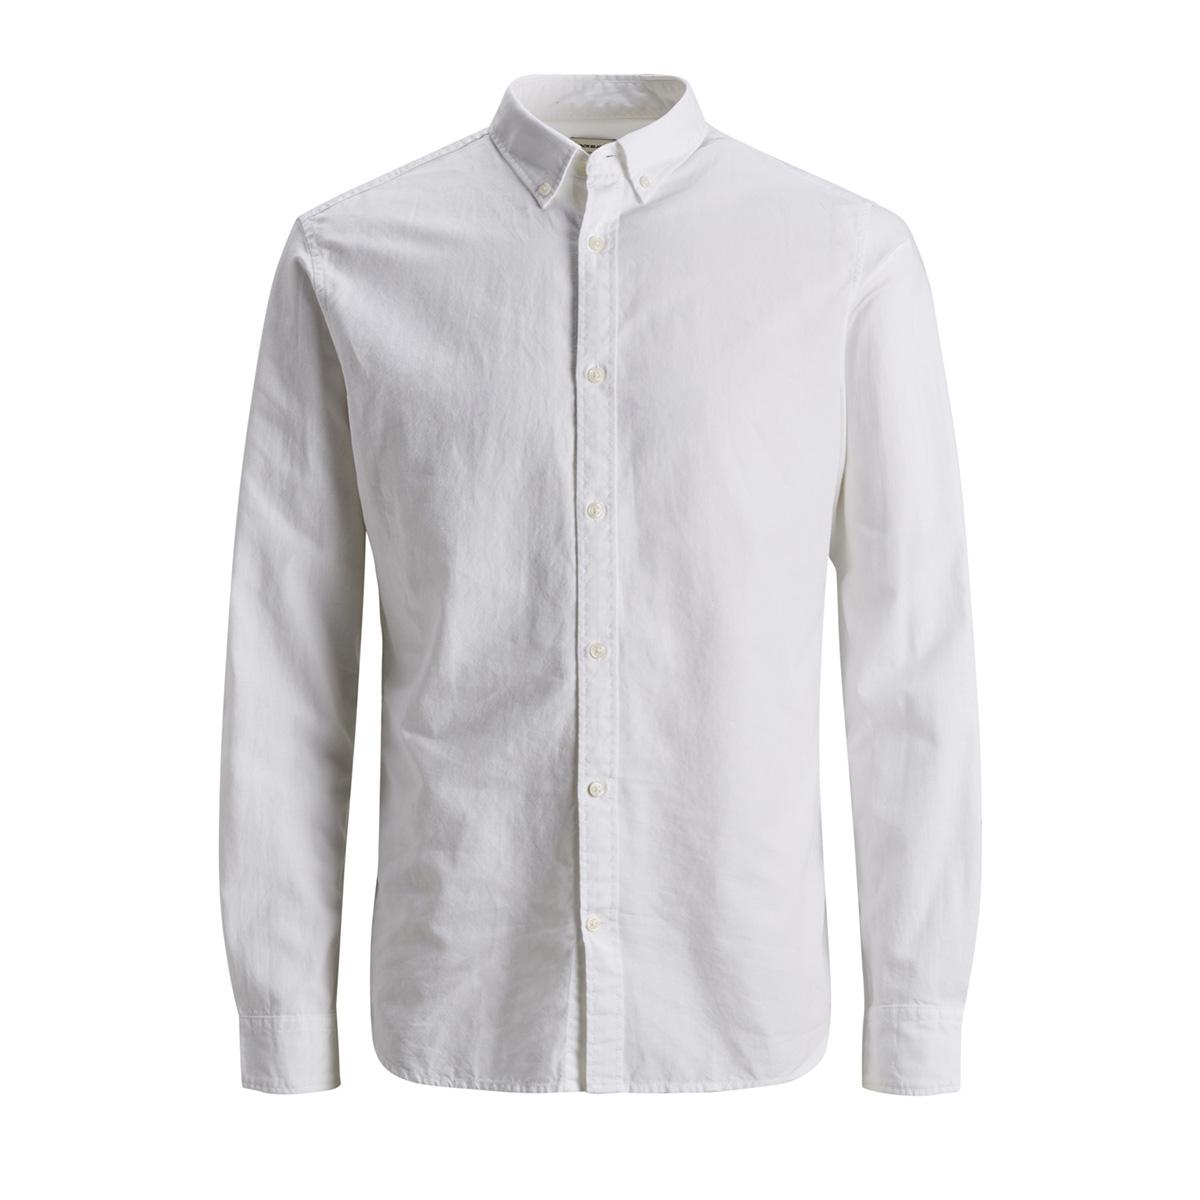 jjesummer shirt l/s noos 12146108 jack & jones overhemd white/slim fit